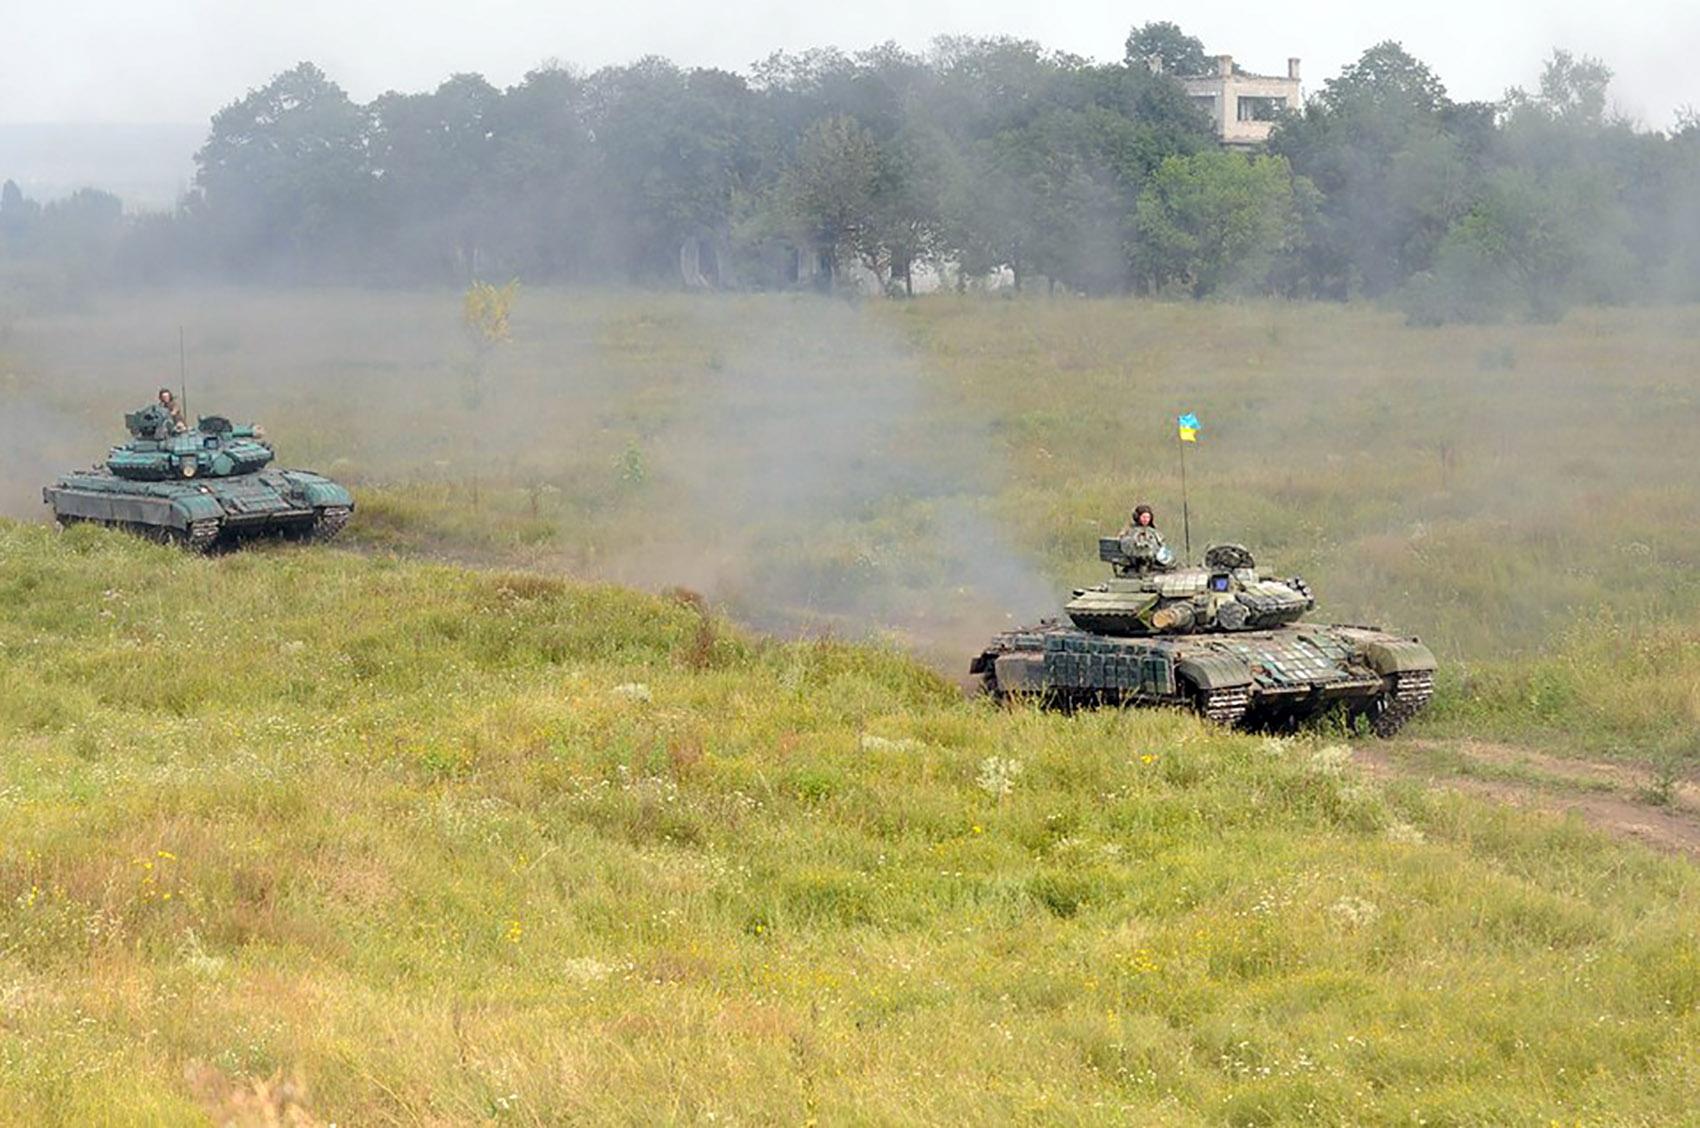 На Харківщині танкісти після повернення з АТО вступили в бій  - фото 2